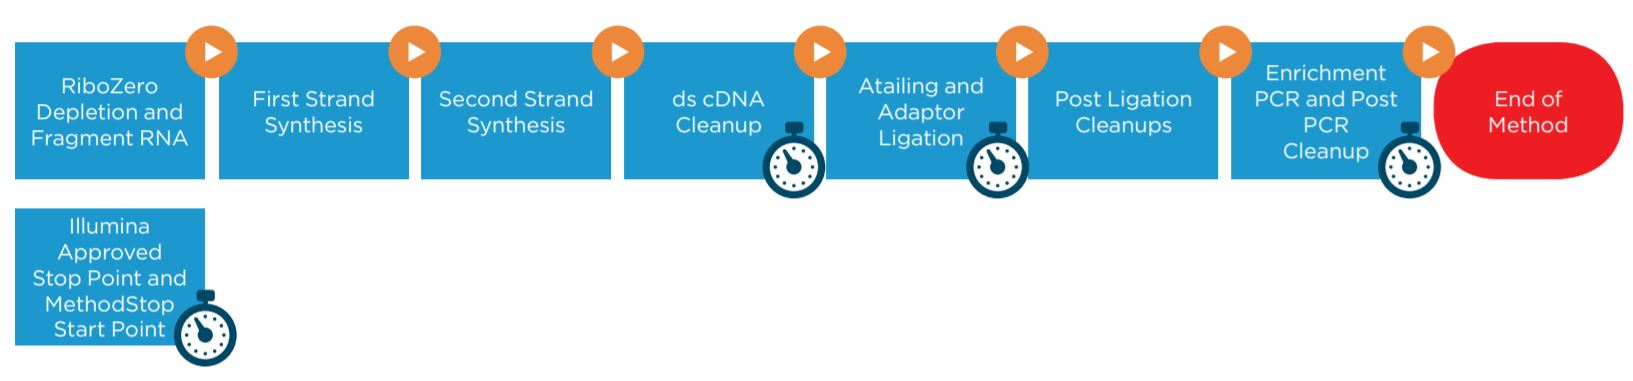 Figure 1. Illumina TruSeq Stranded Total RNA Sample Preparation Kit protocol